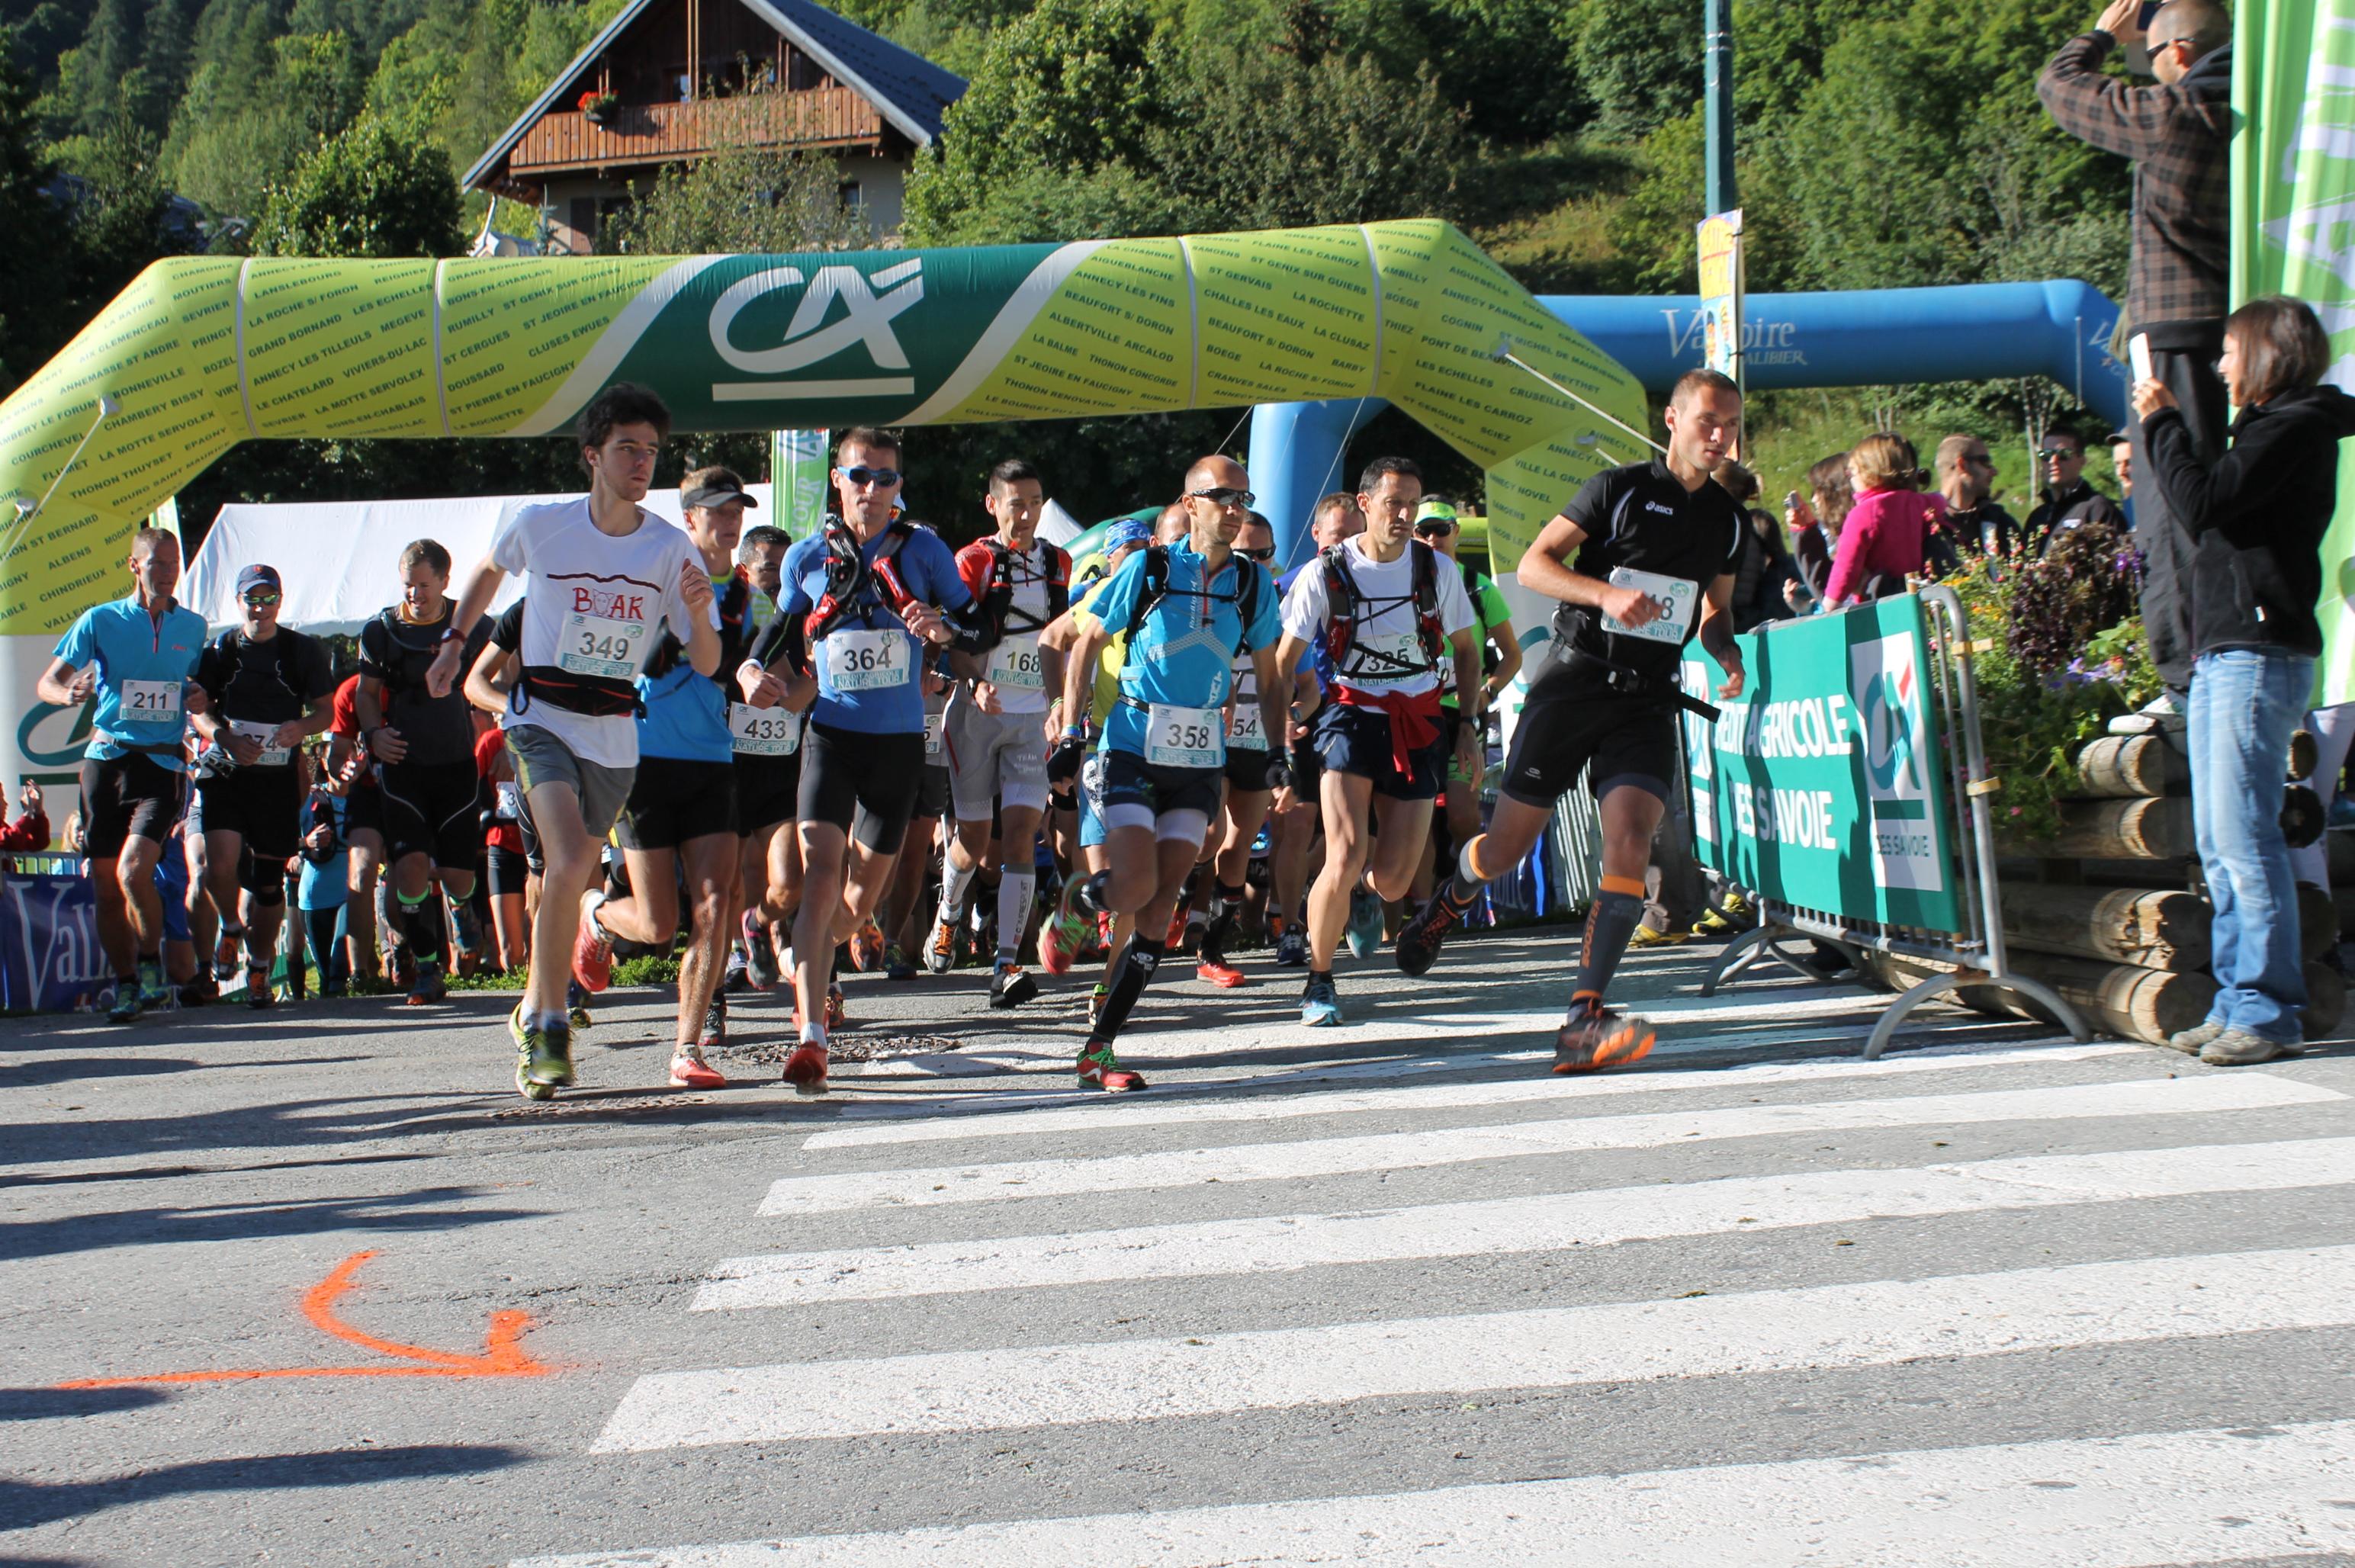 IMG 5068 - Trail du Galibier 2014 : résultats, photos et interview exclusive du vainqueur Ludovic Pommeret (Team Hoka)